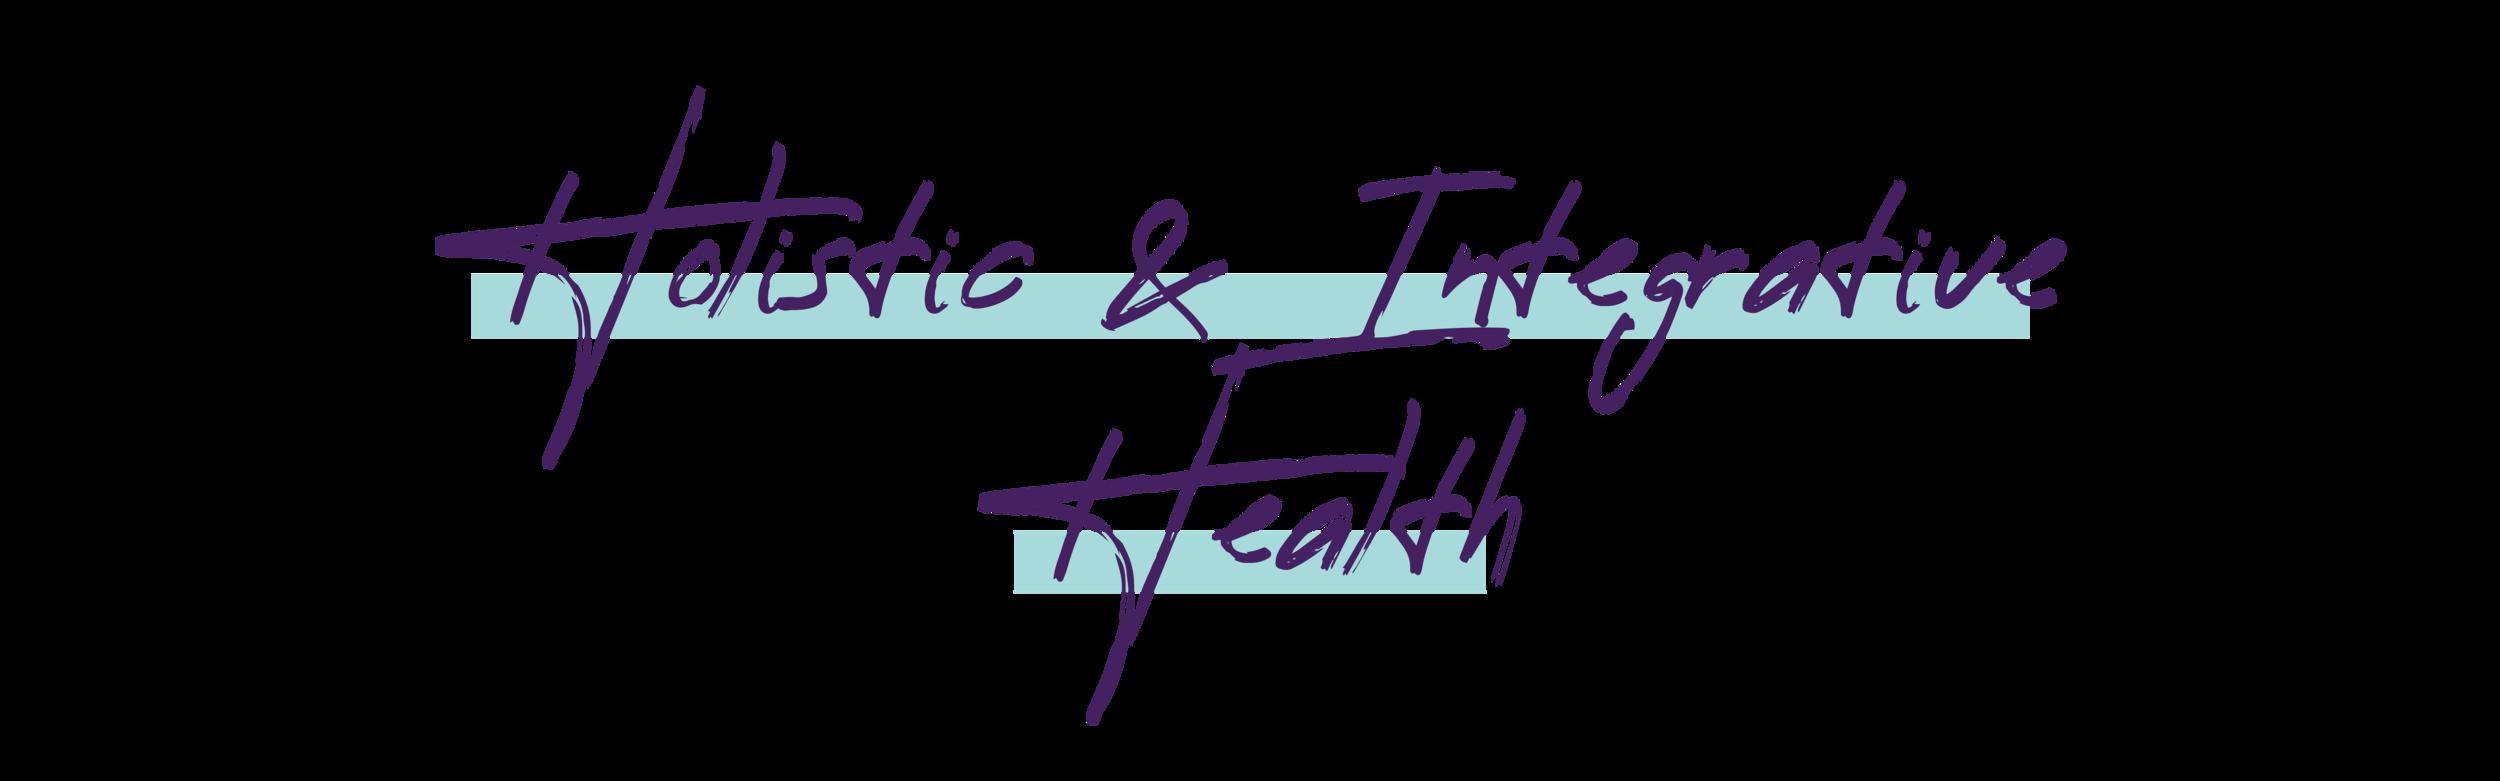 Holistic & Integrative Health.png